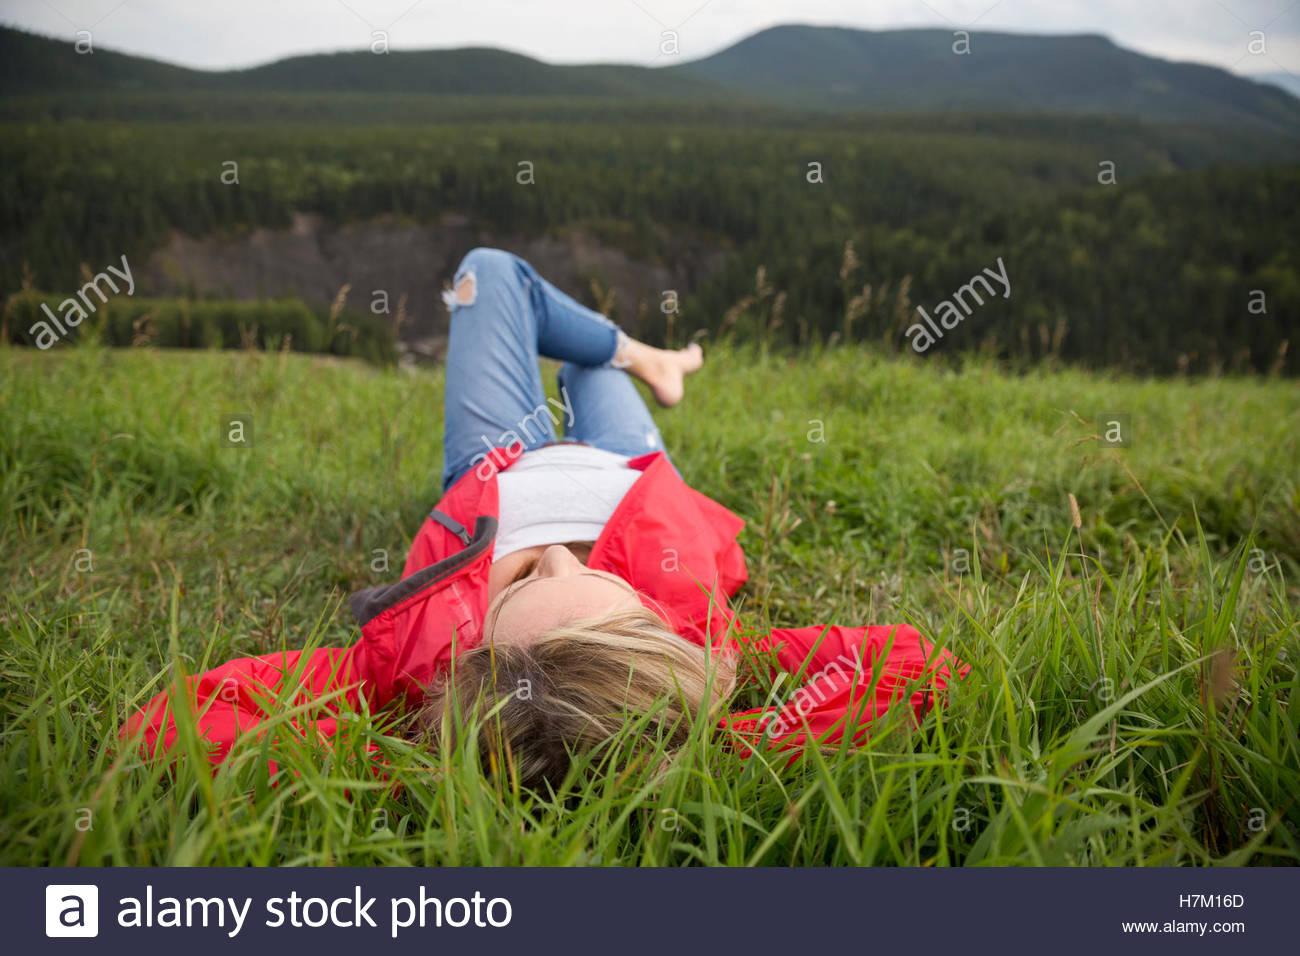 La donna posa rilassante in erba in remoto campo rurale Immagini Stock